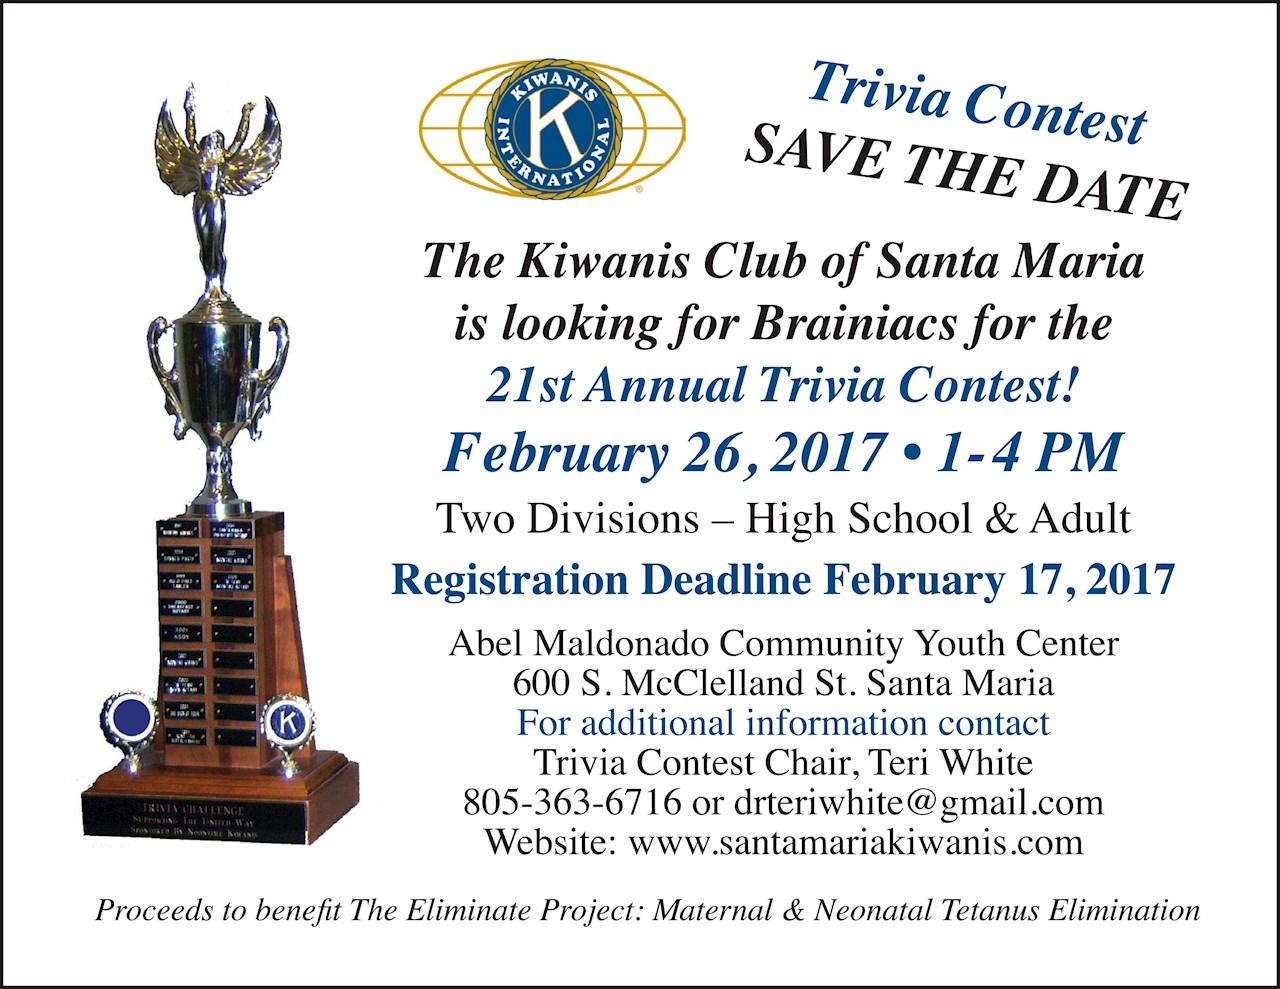 21st Annual Trivia Contest